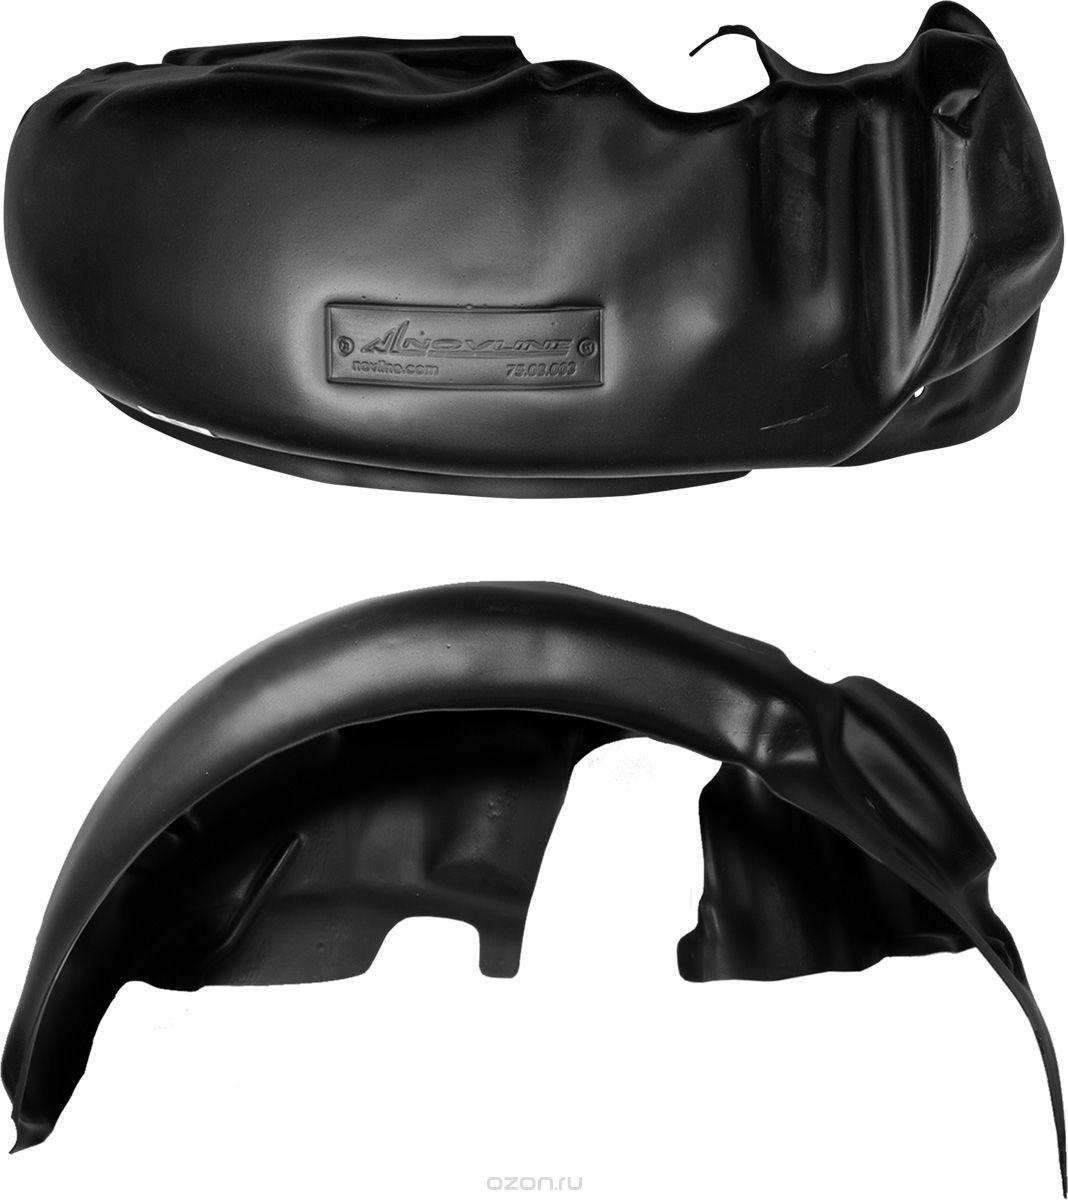 Подкрылок Novline-Autofamily, для NISSAN Teana, 03/2014->, седан, задний правыйVCA-00Идеальная защита колесной ниши. Локеры разработаны с применением цифровых технологий, гарантируют максимальную повторяемость поверхности арки. Изделия устанавливаются без нарушения лакокрасочного покрытия автомобиля, каждый подкрылок комплектуется крепежом. Уважаемые клиенты, обращаем ваше внимание, что фотографии на подкрылки универсальные и не отражают реальную форму изделия. При этом само изделие идет точно под размер указанного автомобиля.